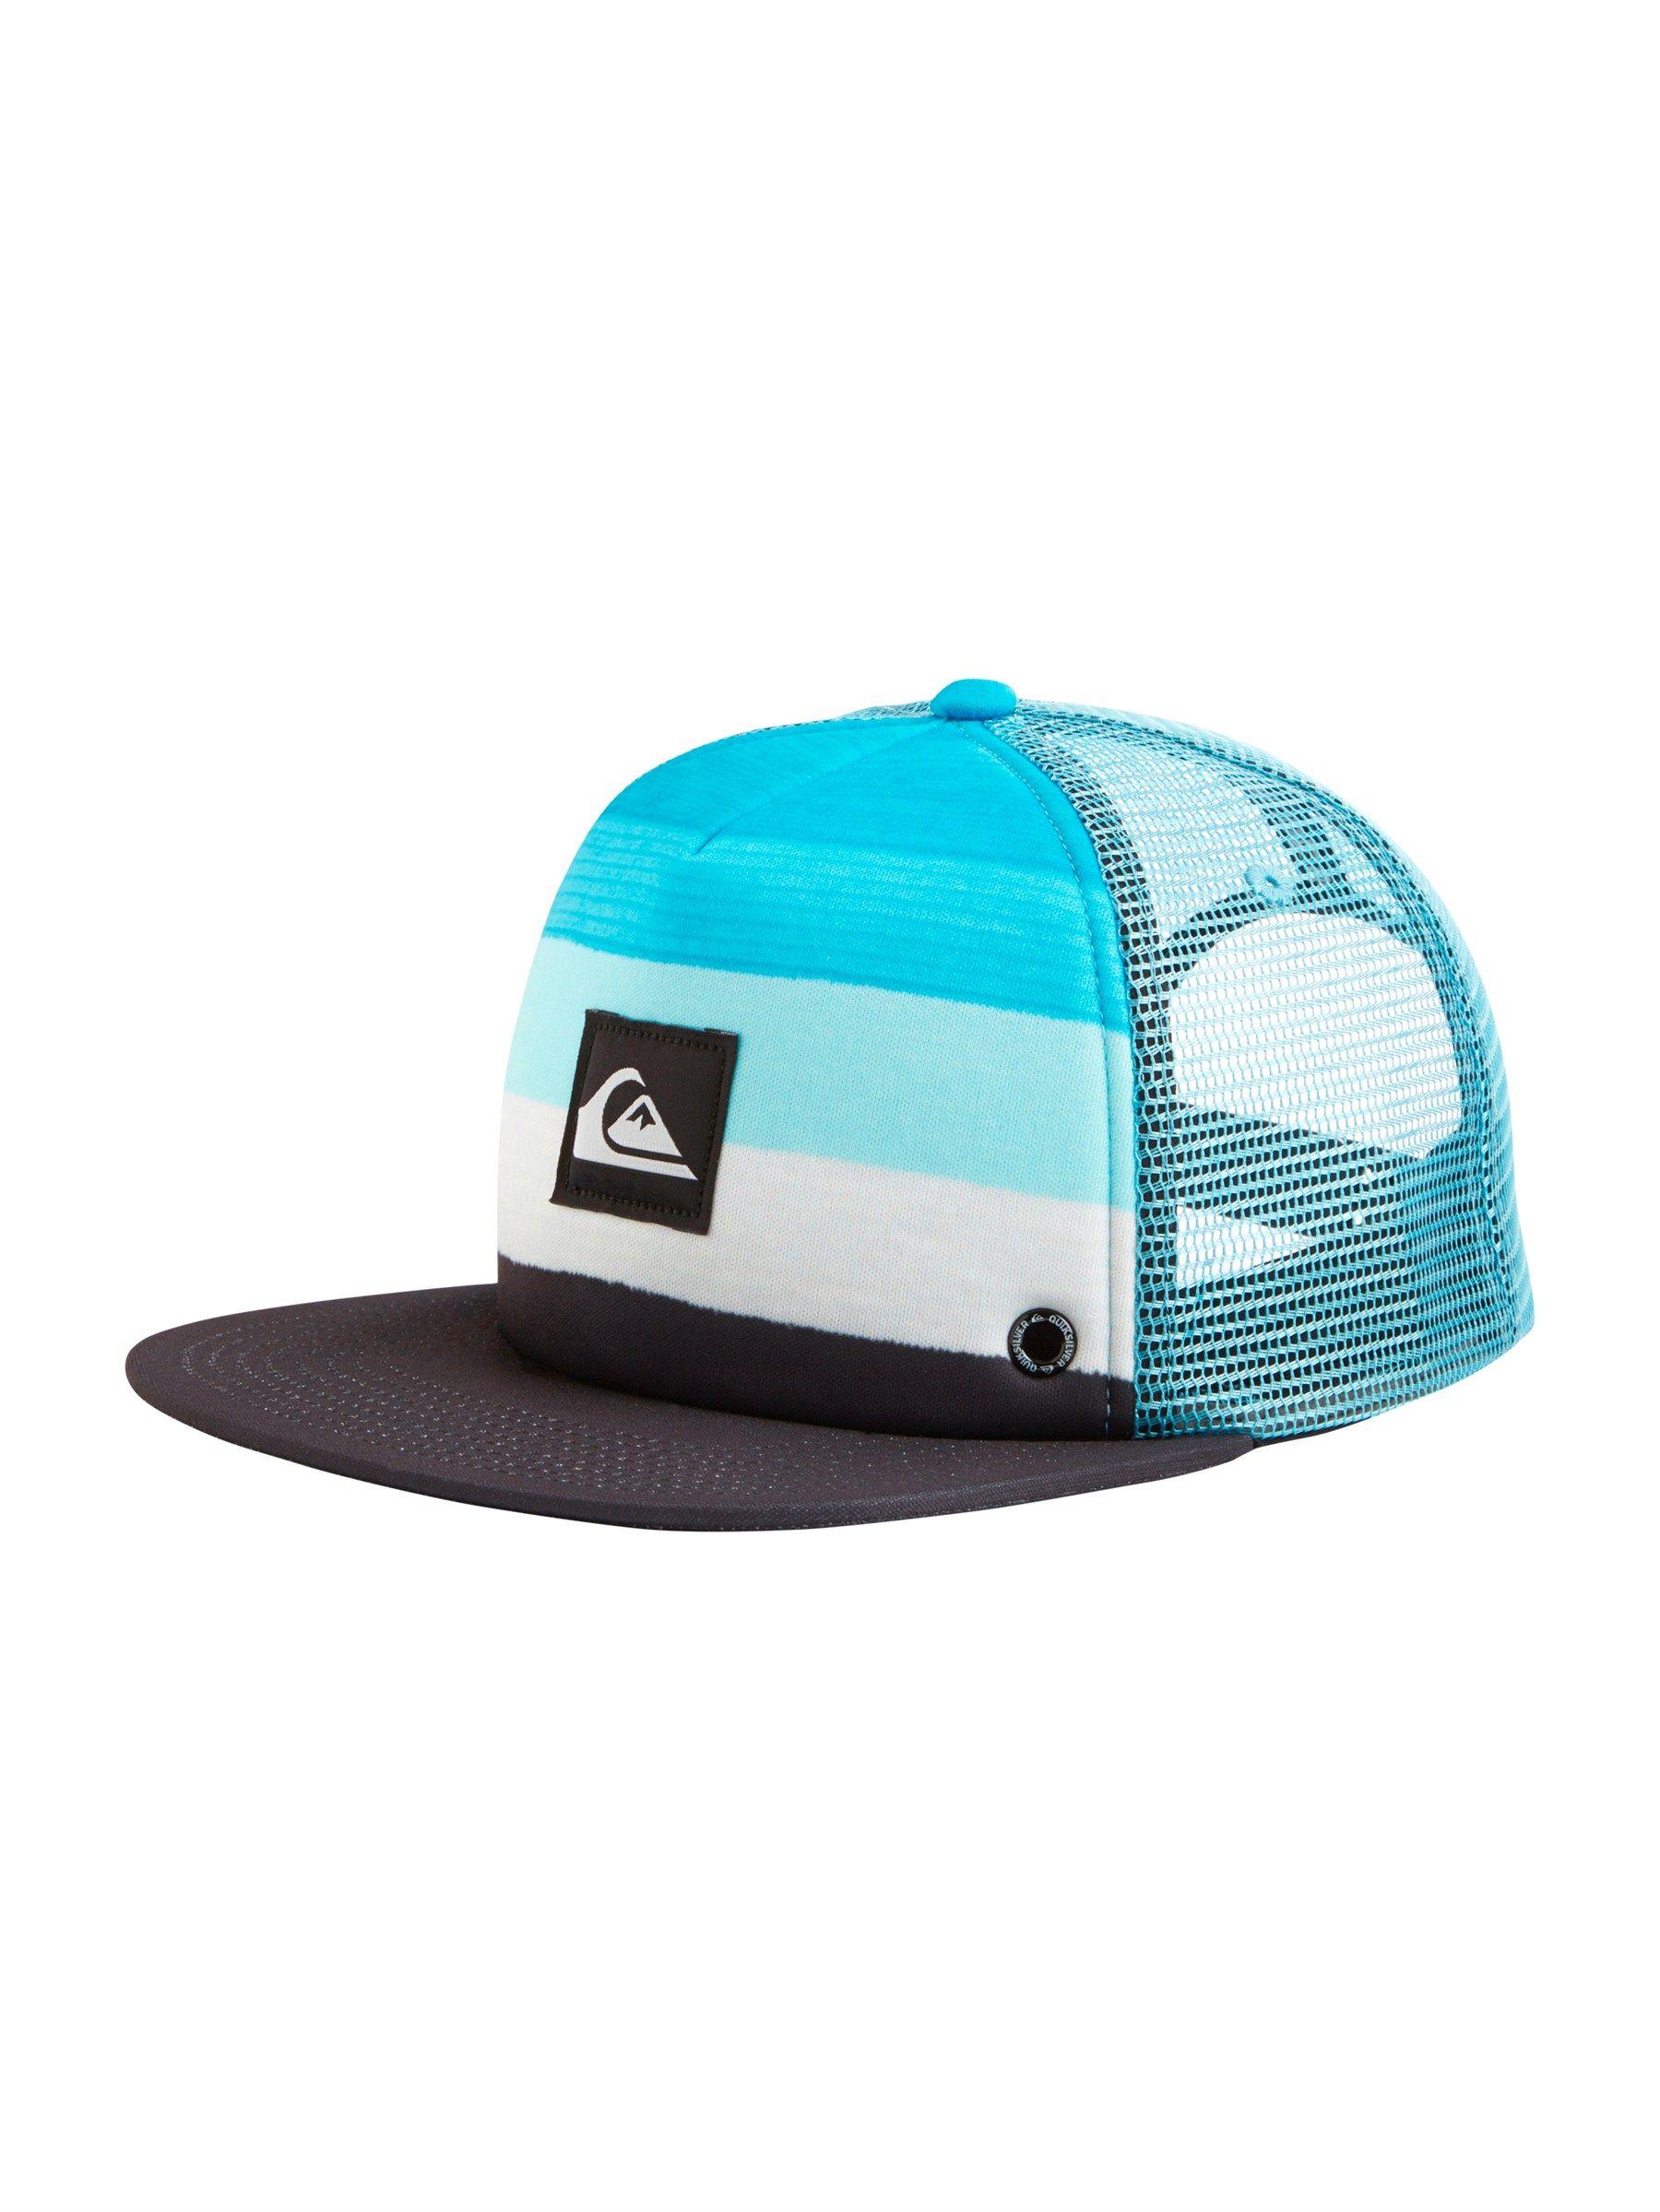 9a74ecd72c4 Boardies Trucker Hat